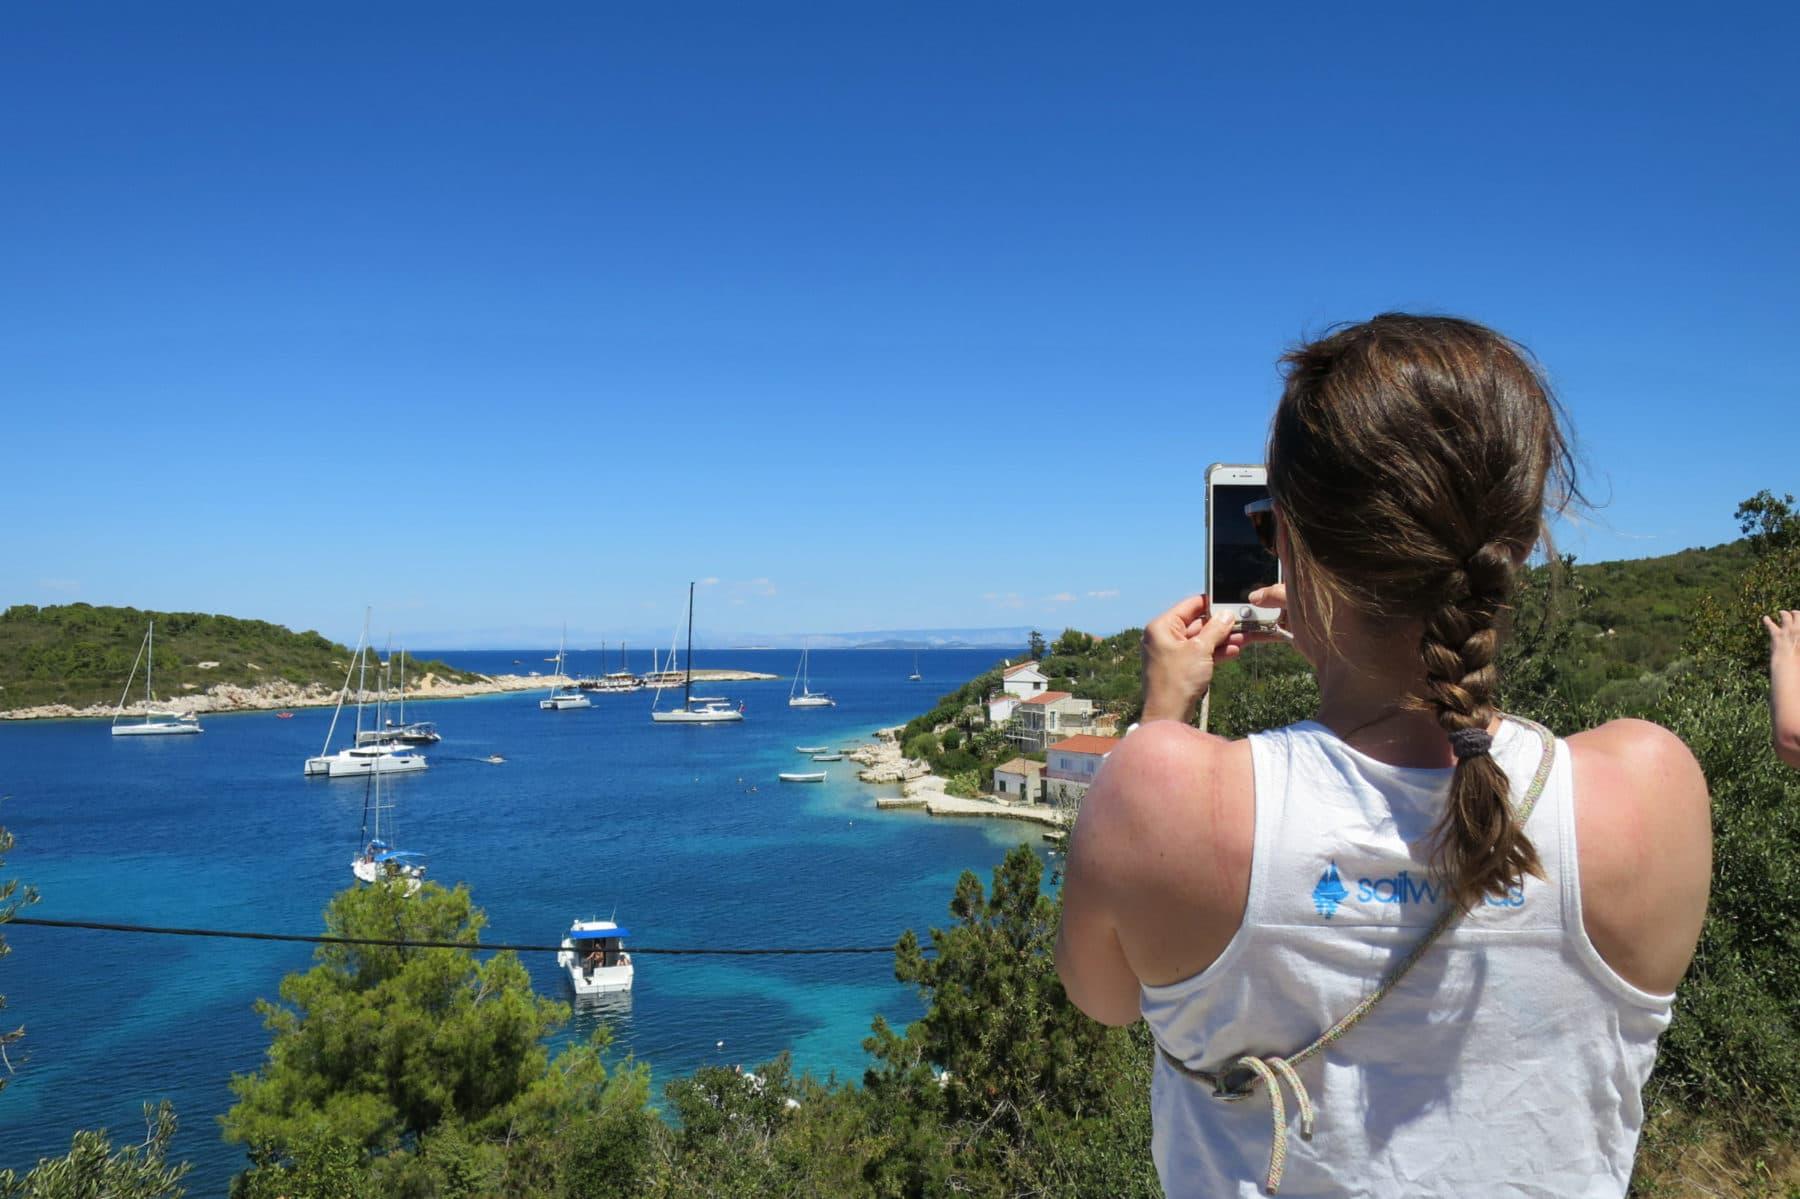 Genieße den Ausblick auf Eure Yacht, die in einer wunderschönen Bucht auf Euch wartet | sailwithus